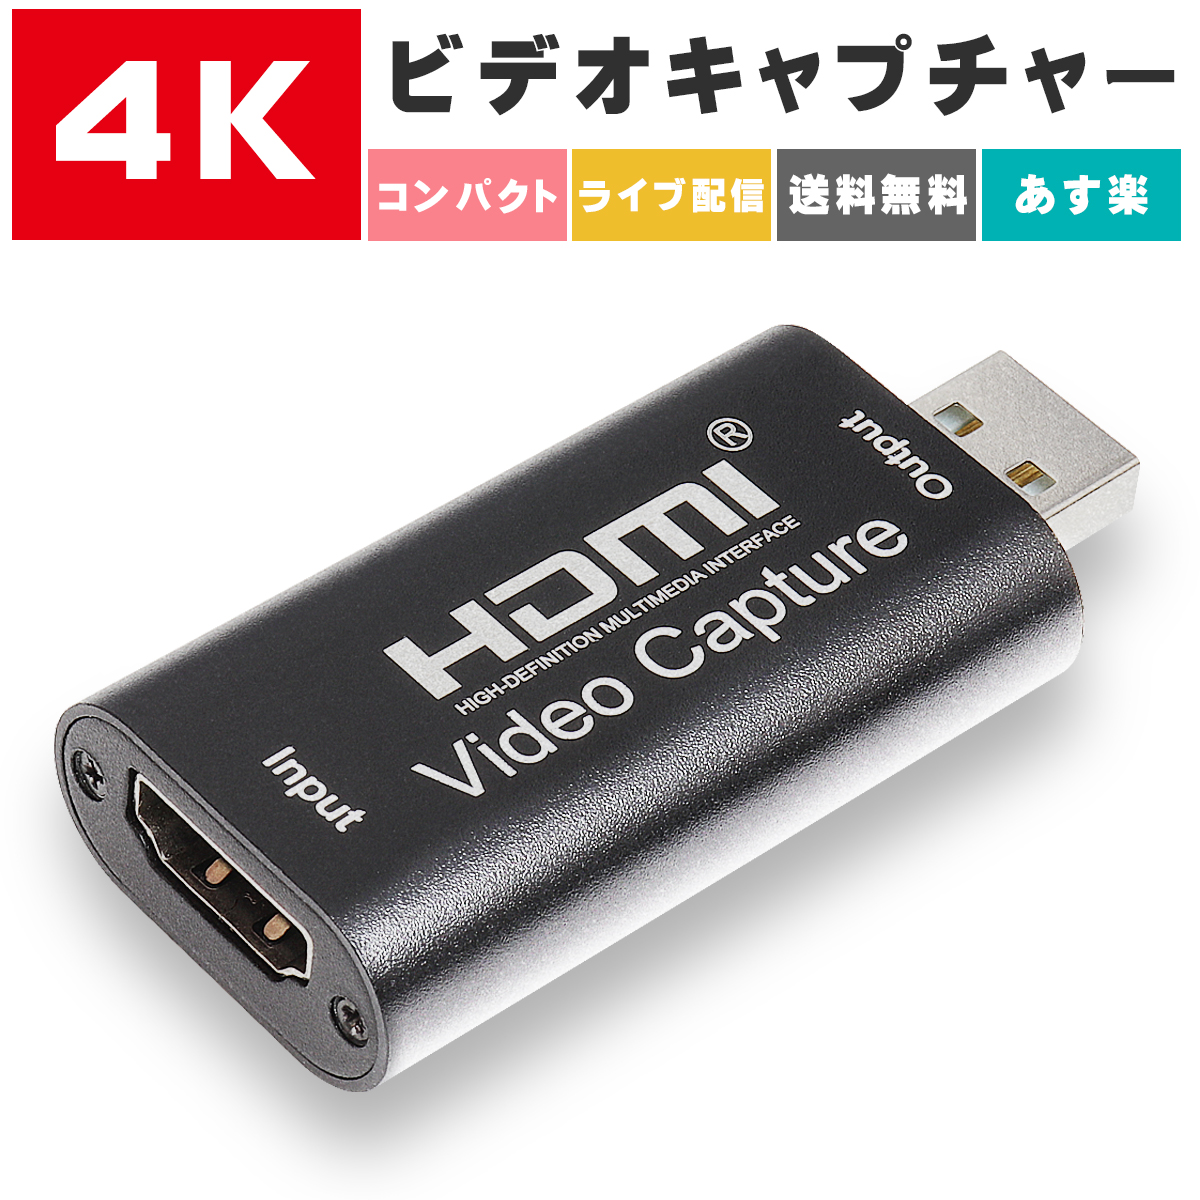 送料無料 簡単に高画質でPCに録画できるHDMIキャプチャーボード HDMI キャプチャーボード USB2.0対応 1080P60fps HDCP 1.4 売り込み 大人気! ゲームキャプチャー ビデオキャプチャカード ゲーム録画 持ち運びしやすい ライブ会議に適用 実況 コンパクトサイズ 明日楽 XboxやNintendo 配信 Switch用 電源不要 PS4